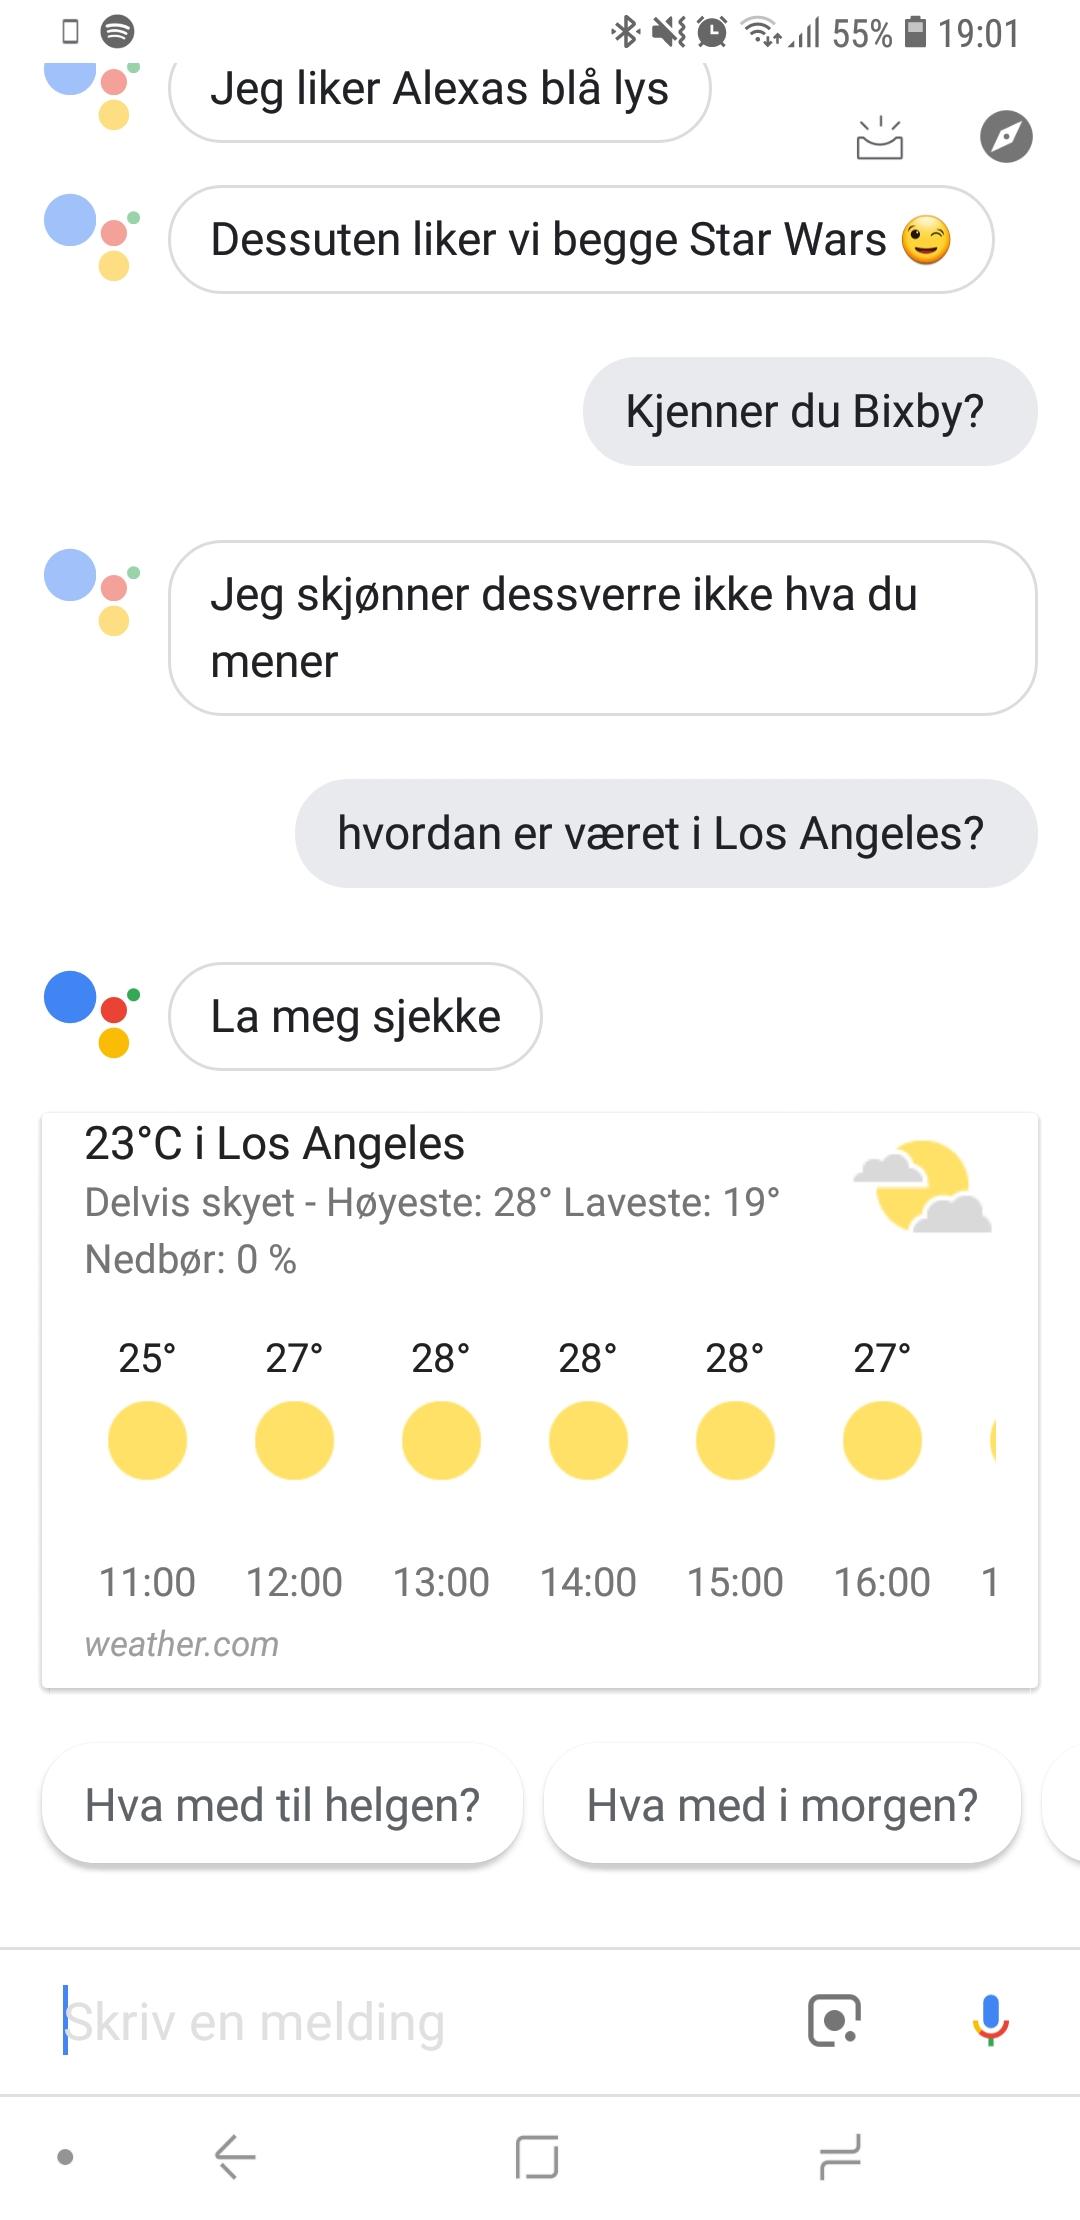 Assistant forteller deg selvsagt hvordan været er i Los Angeles.